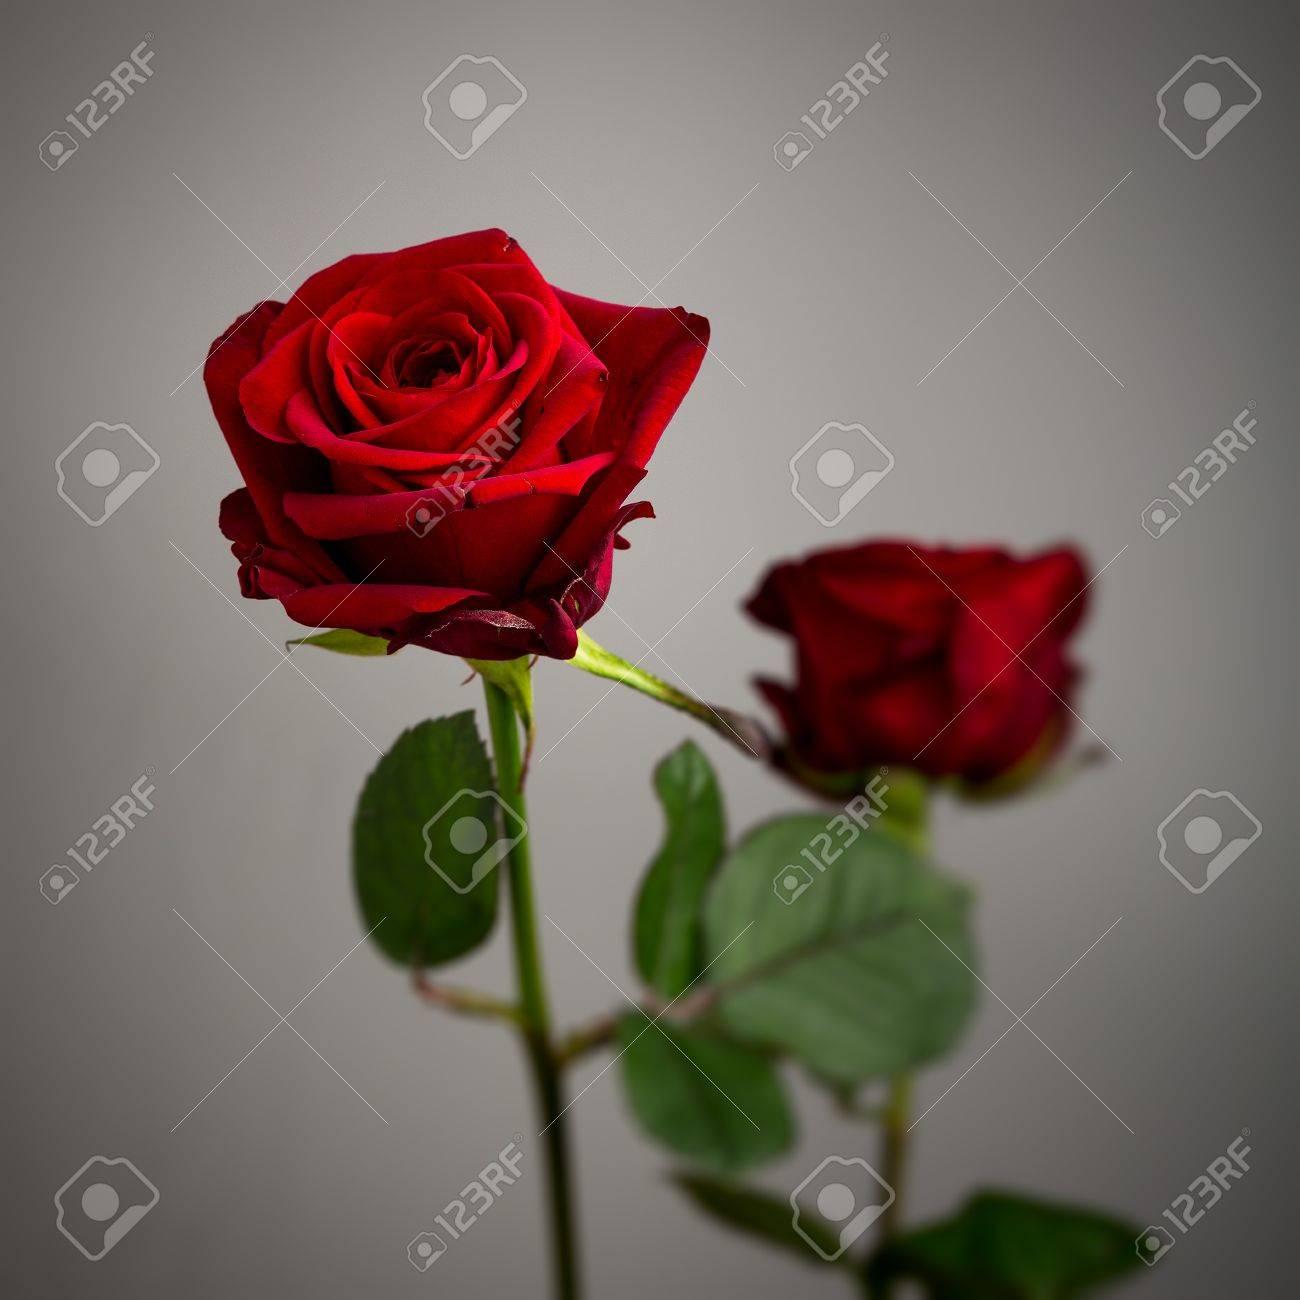 Immagini Stock Due Rose Rosso Valentino Isolato Su Uno Sfondo